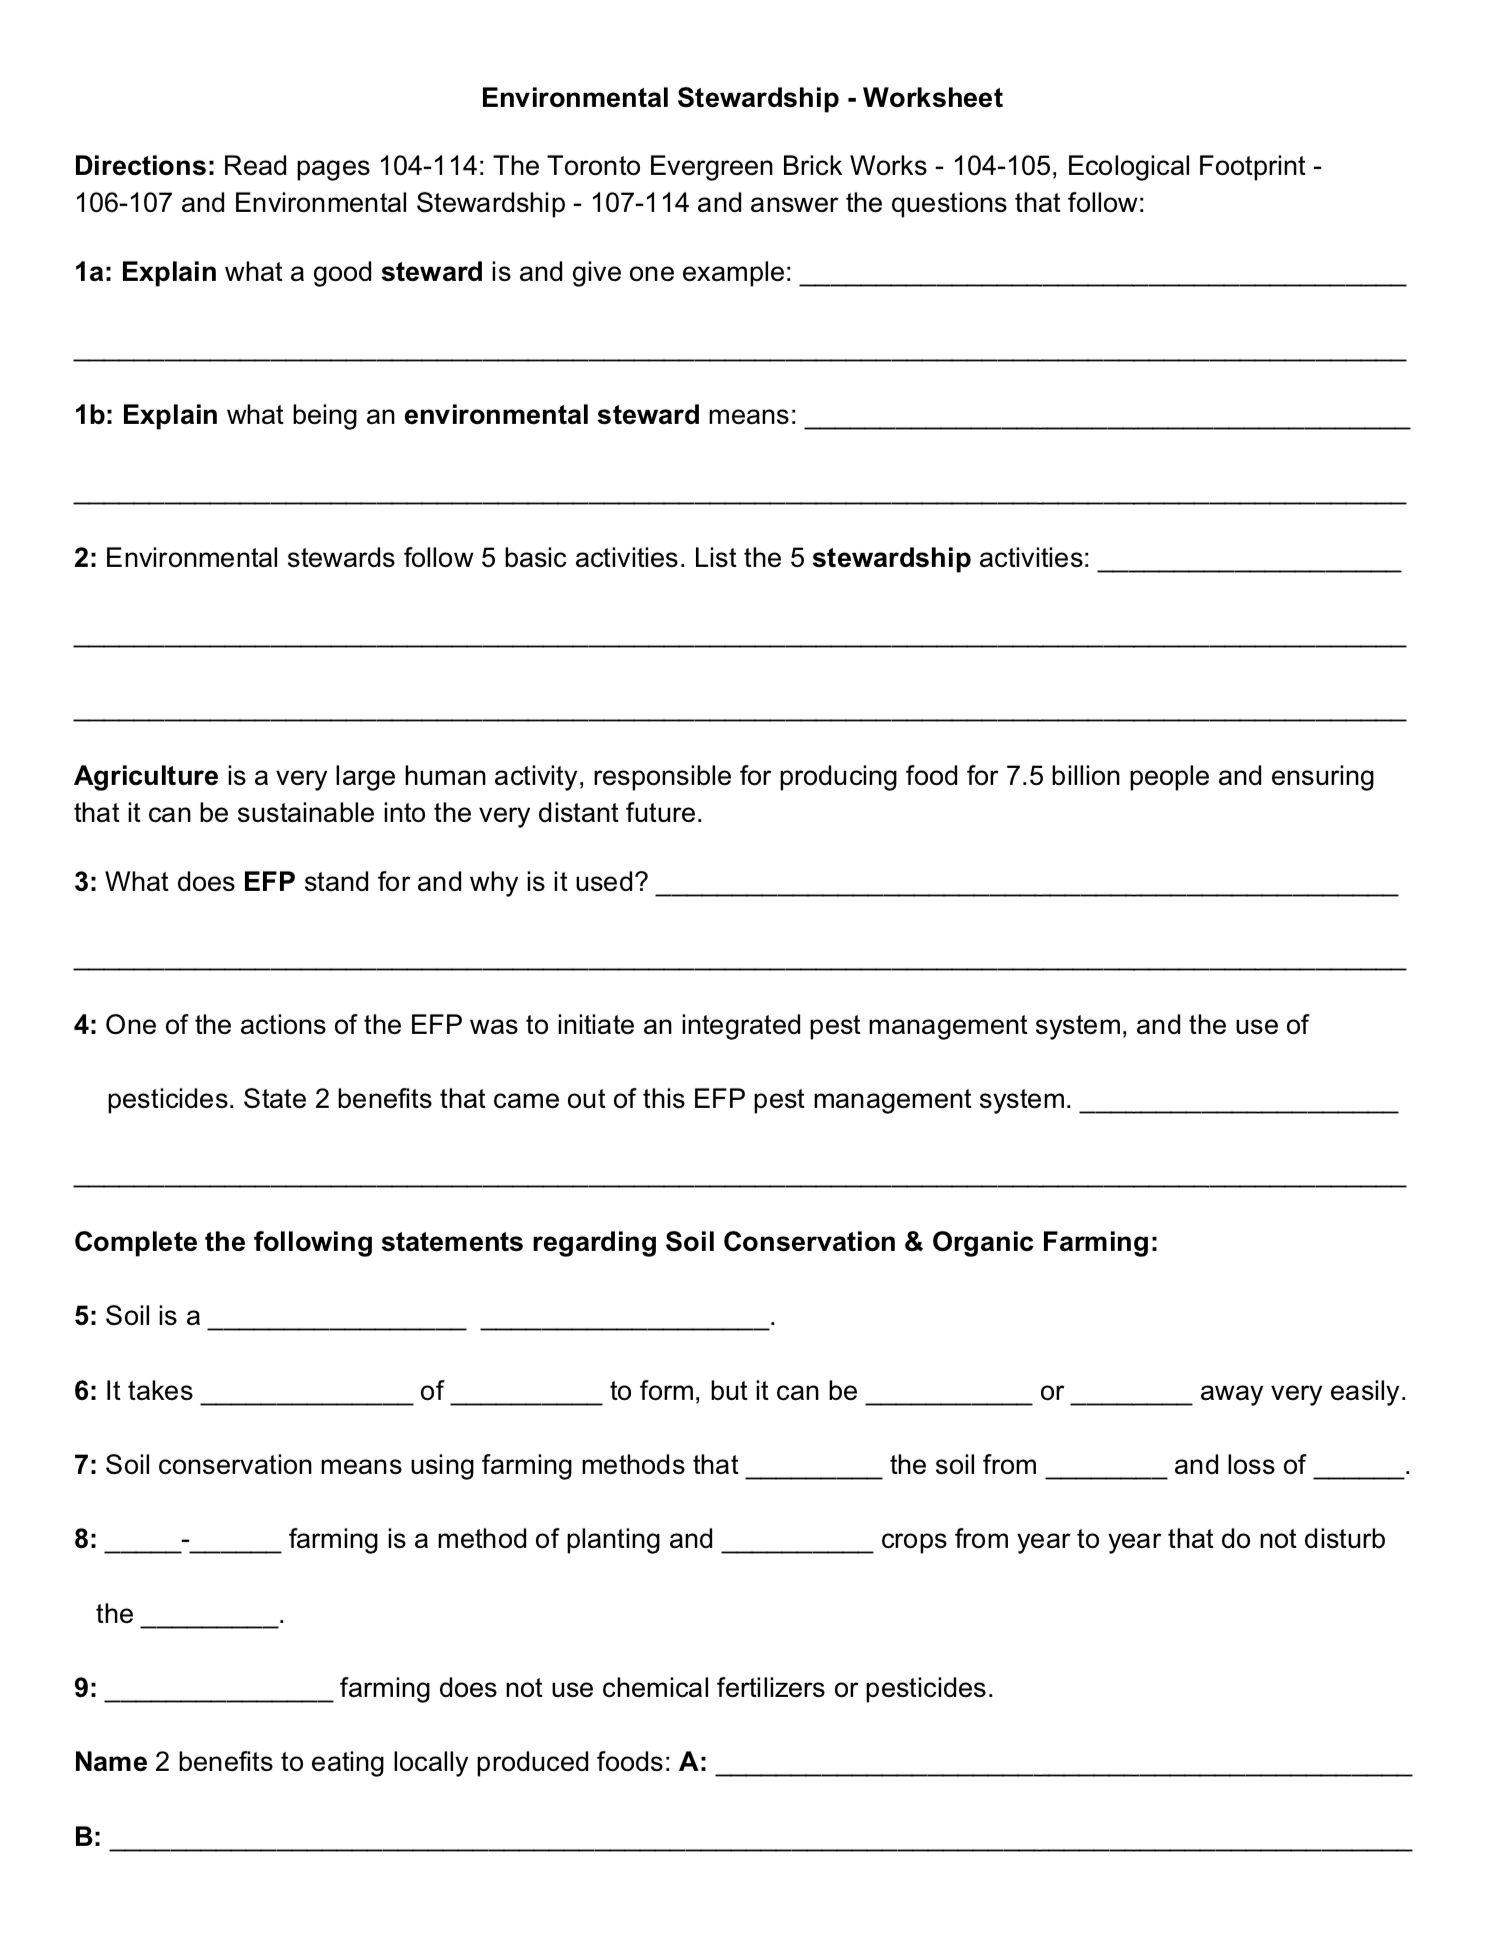 Environmental Stewardship Worksheet Monday June 10 2019 Distance Time Graphs Worksheets Worksheets Graphing Worksheets